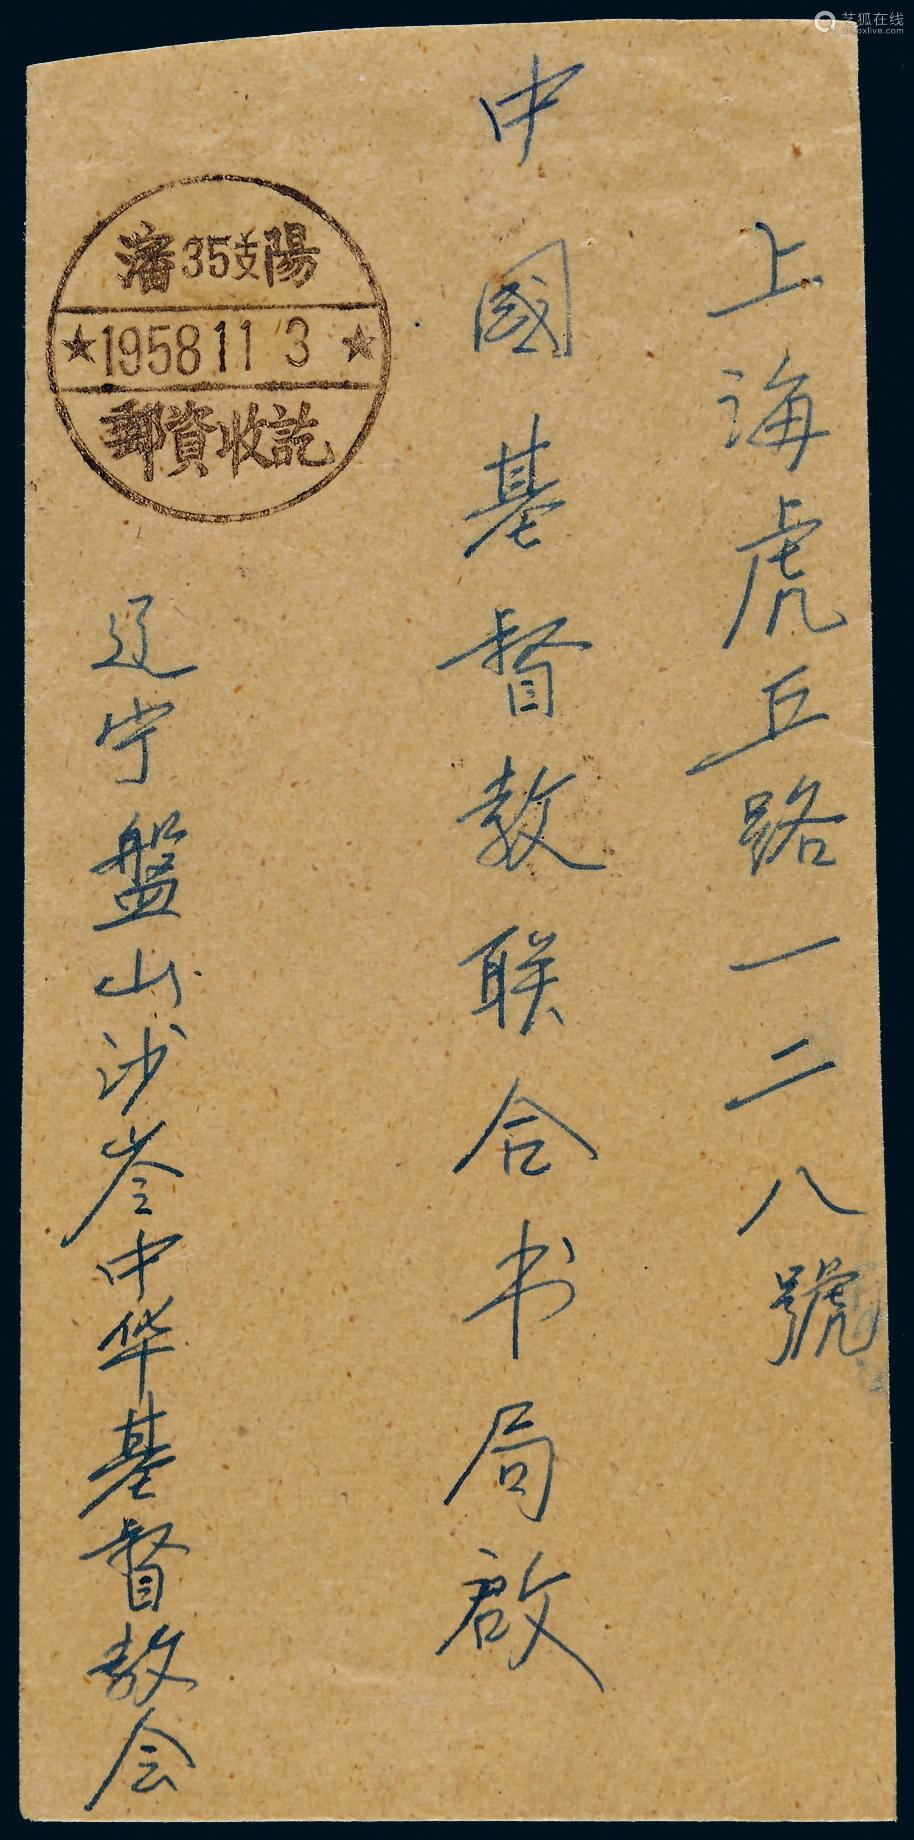 1958年渖阳寄上海实寄封